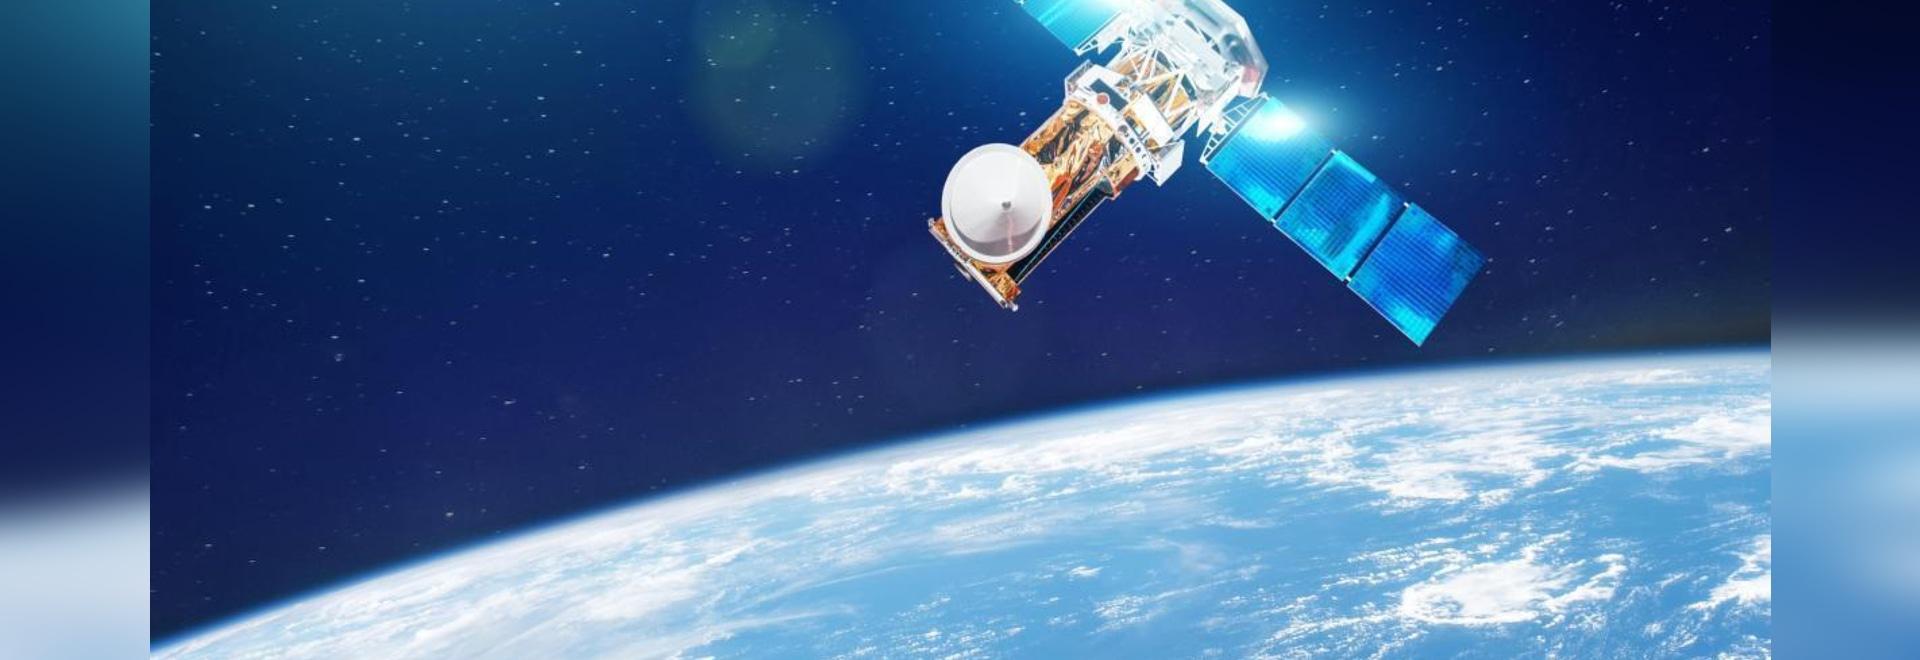 SEAKR obtient un brevet au Canada pour la technologie ASIC RF pour satellites